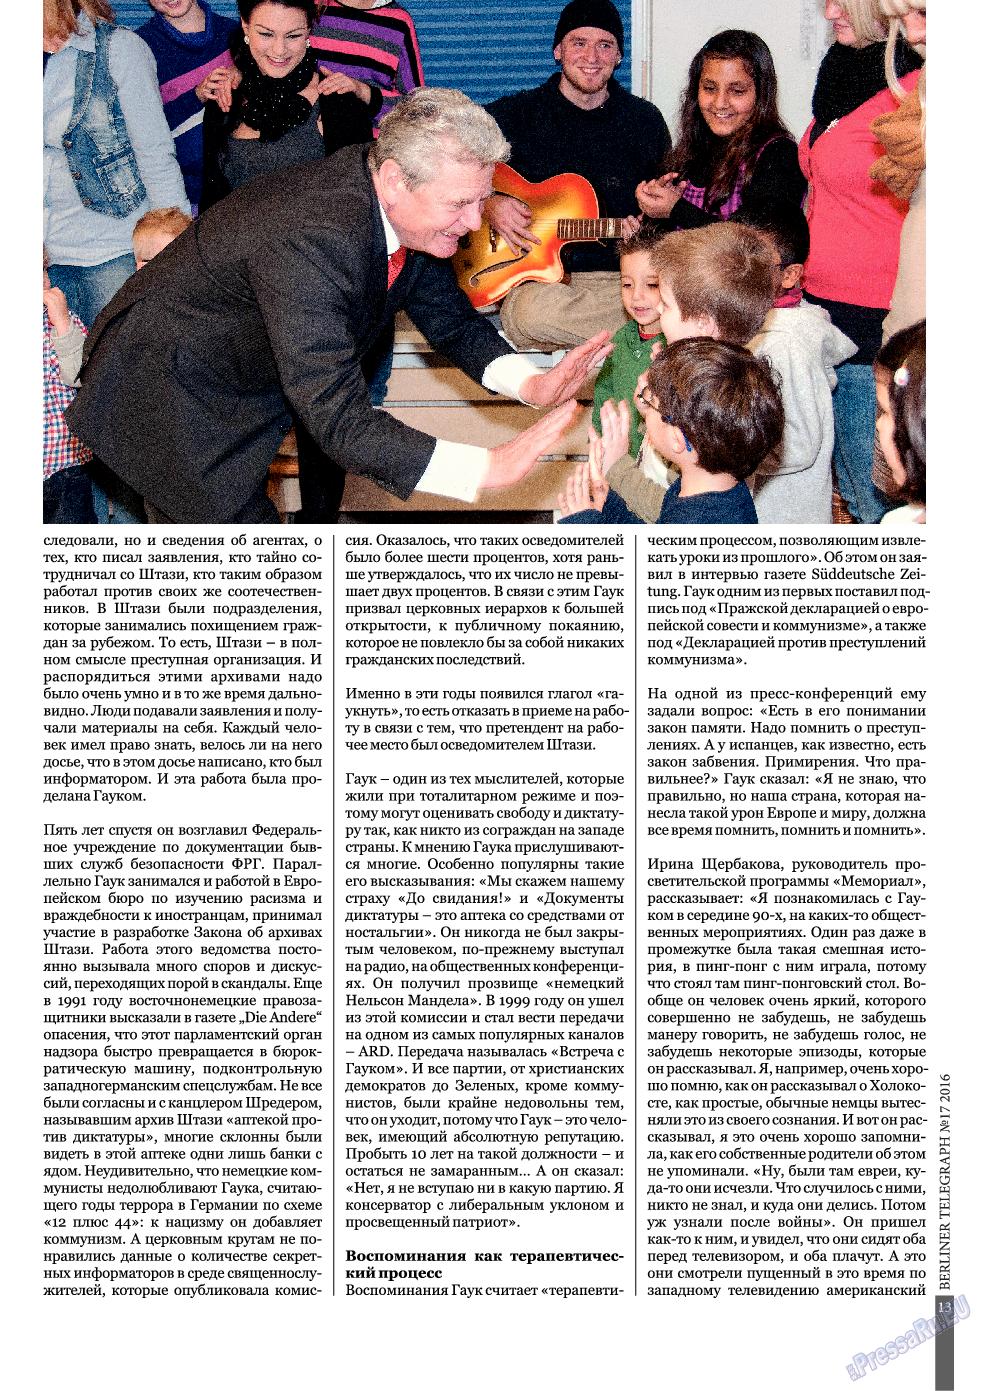 Берлинский телеграф (журнал). 2016 год, номер 17, стр. 13